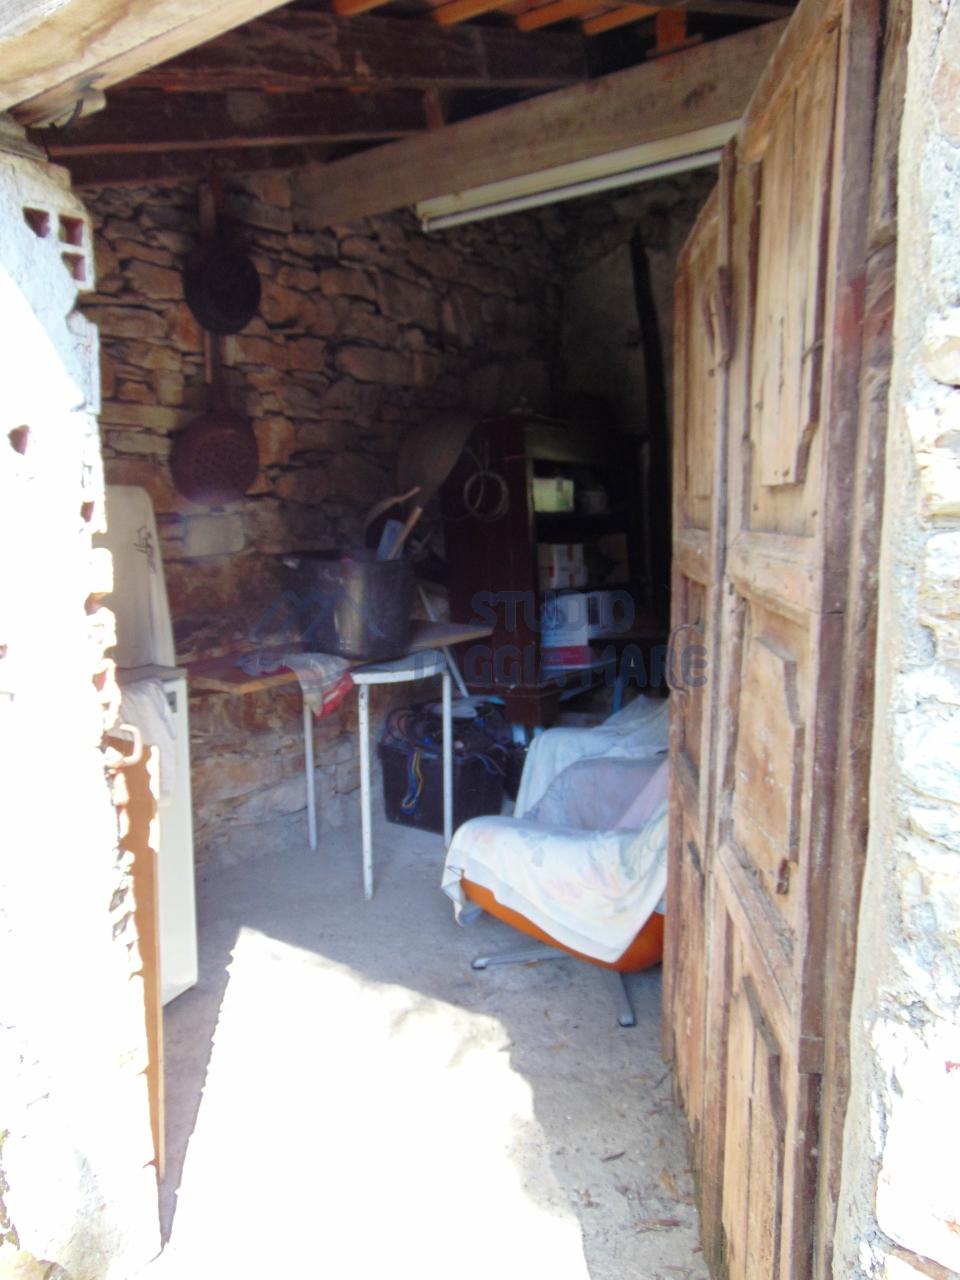 Rustico / Casale in vendita a Pompeiana, 2 locali, prezzo € 55.000 | Cambio Casa.it